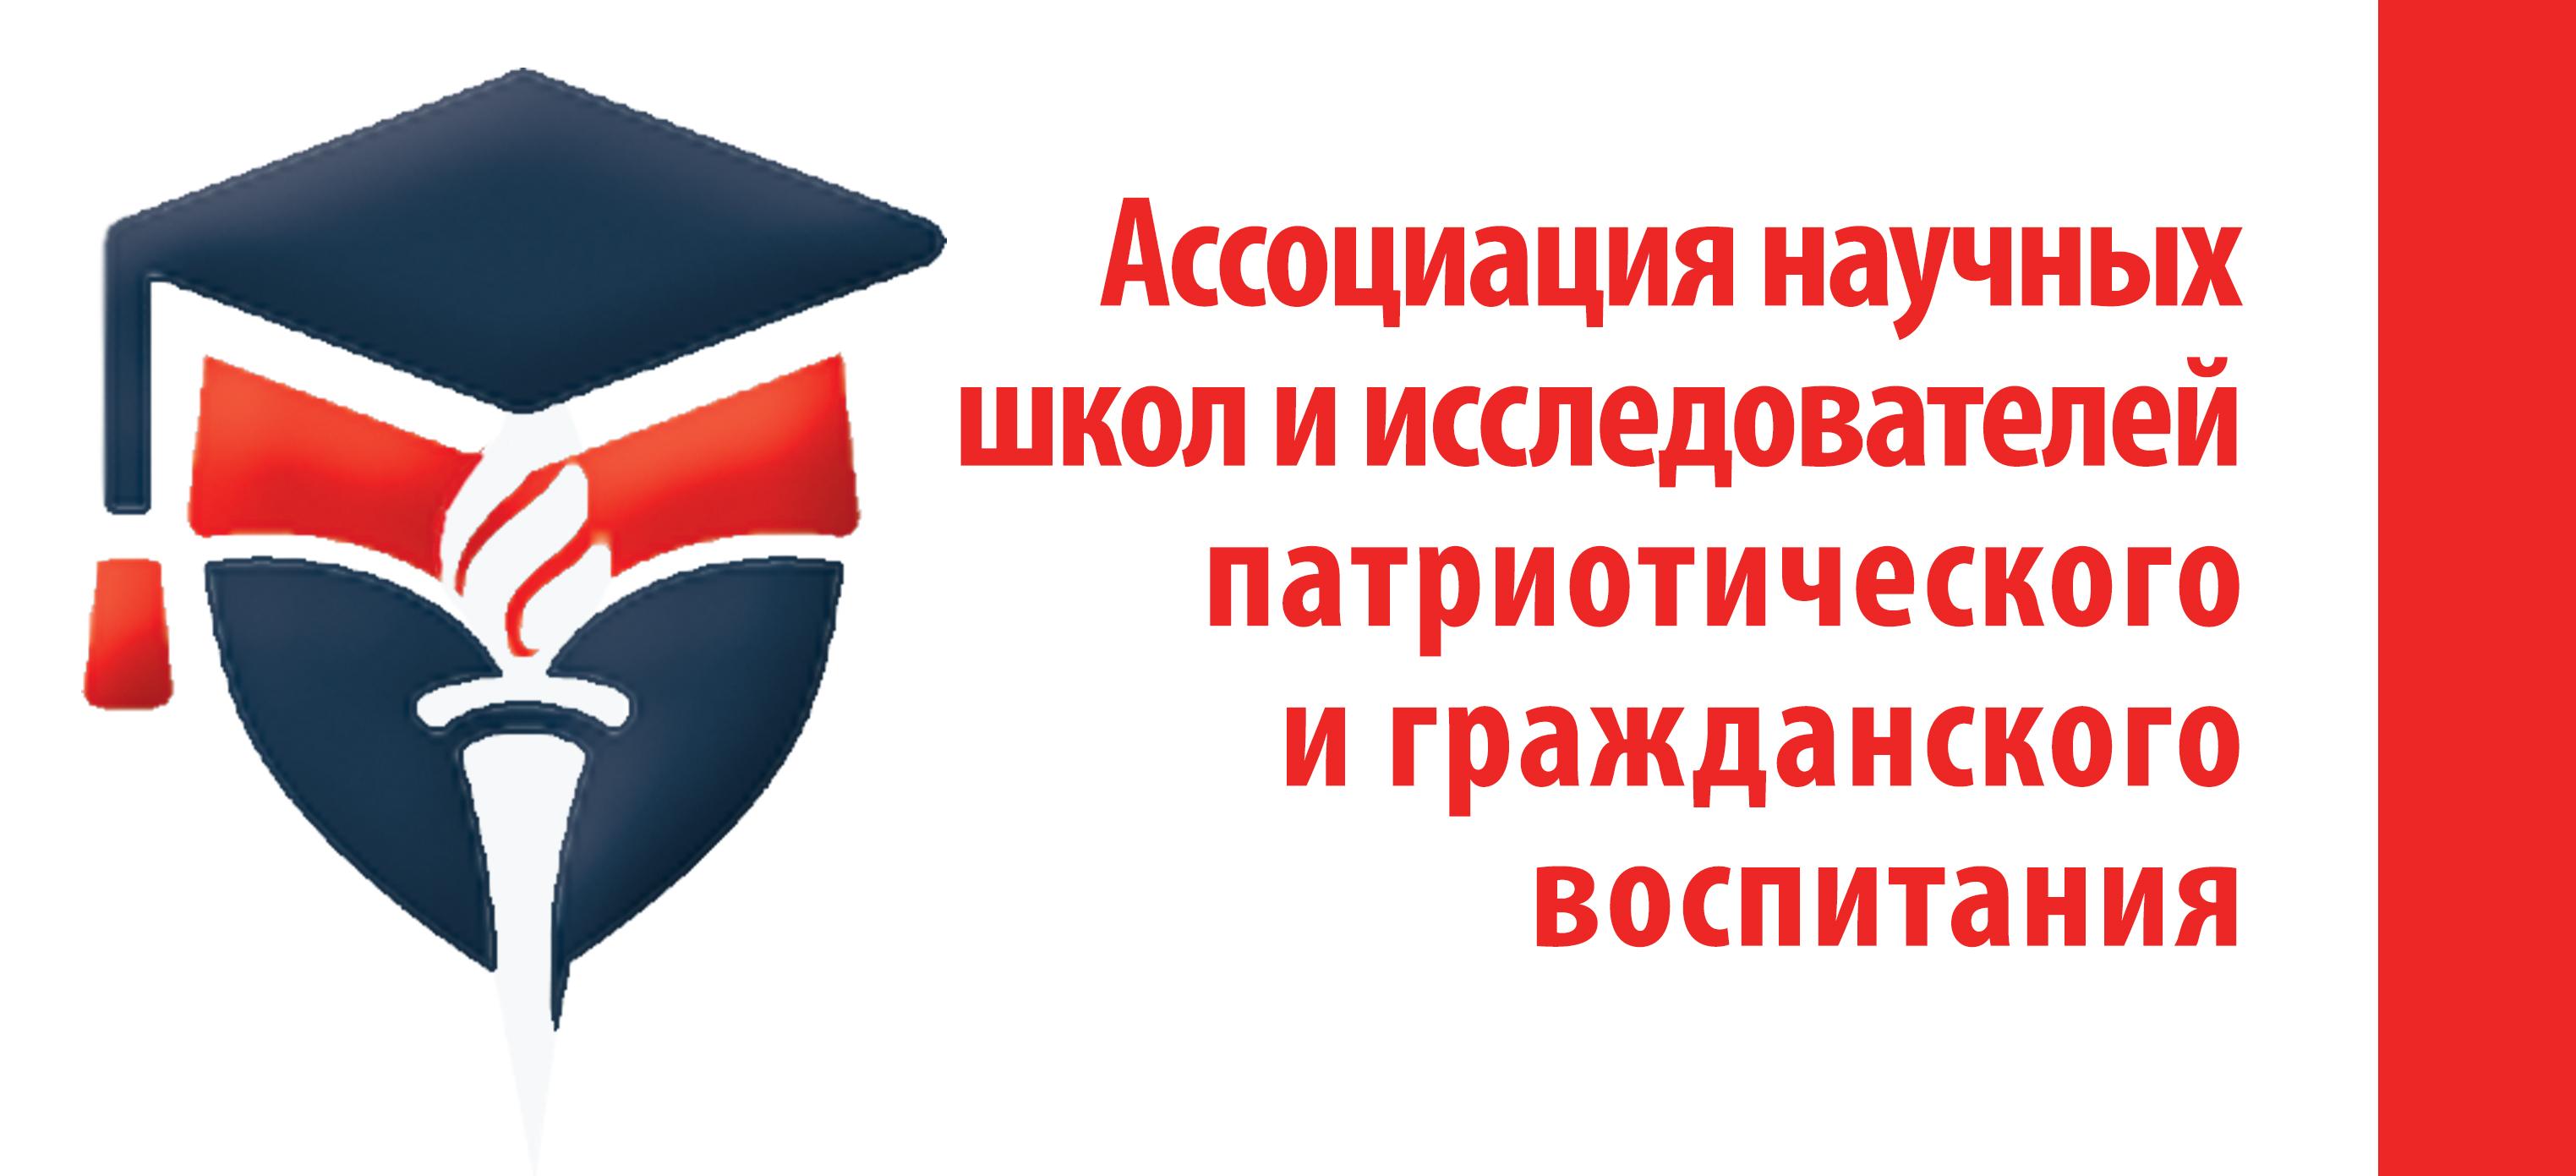 Создана Ассоциация научных школ и исследователей патриотического игражданского воспитания